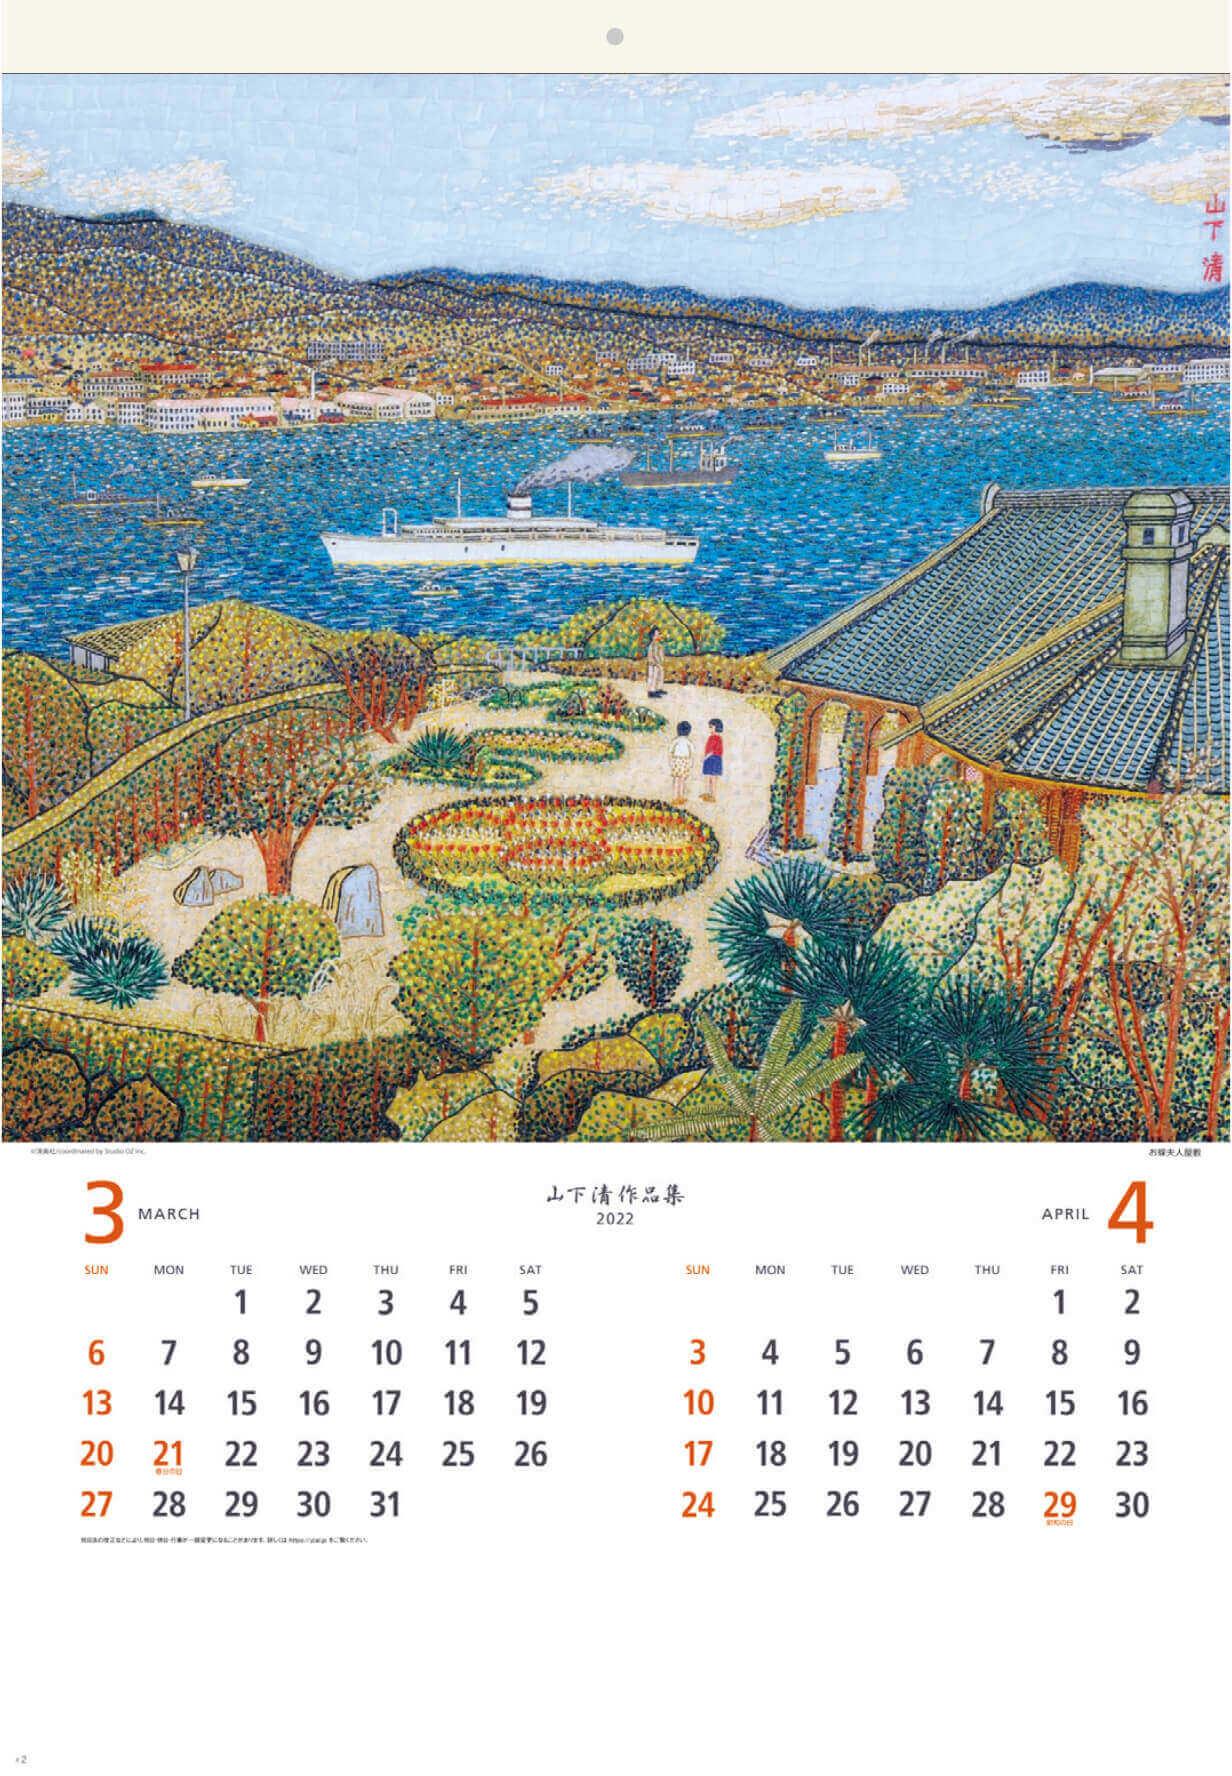 3-4月 お蝶夫人屋敷 山下清作品集 2022年カレンダーの画像